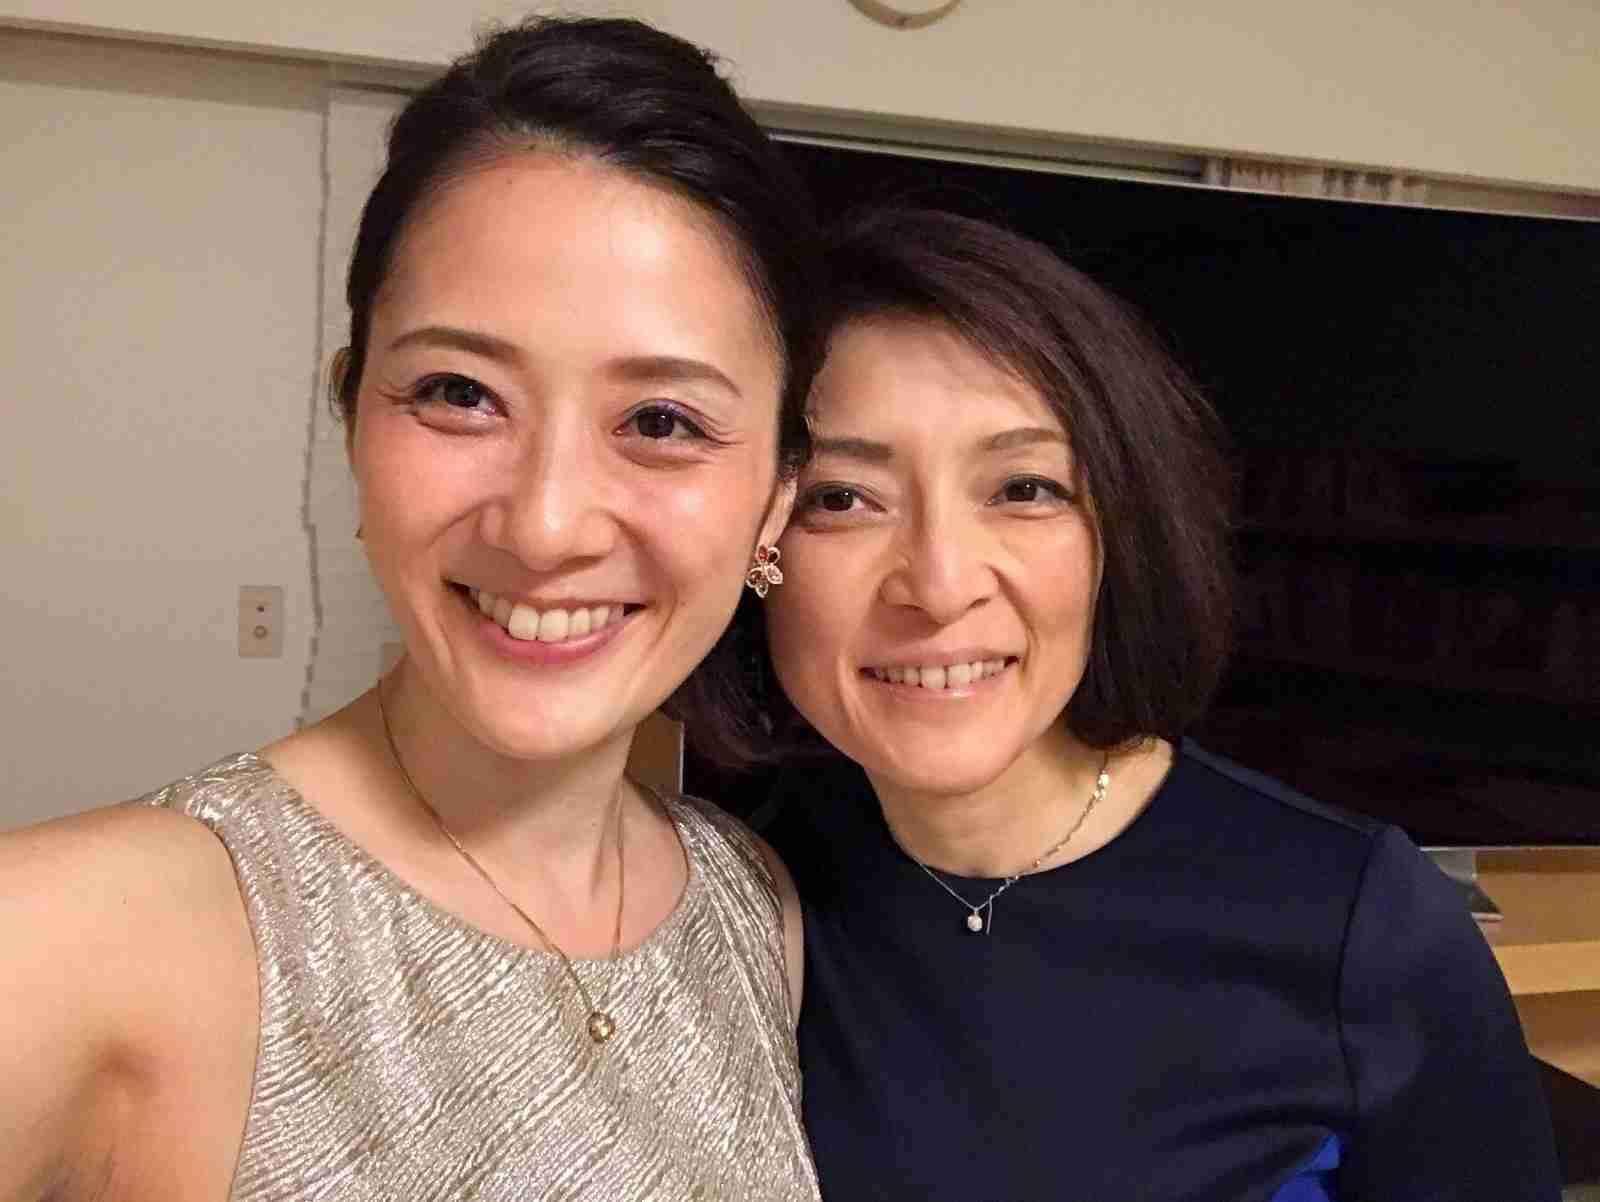 勝間和代さん、同性パートナーの存在をカミングアウト「事実を公開することで楽に」